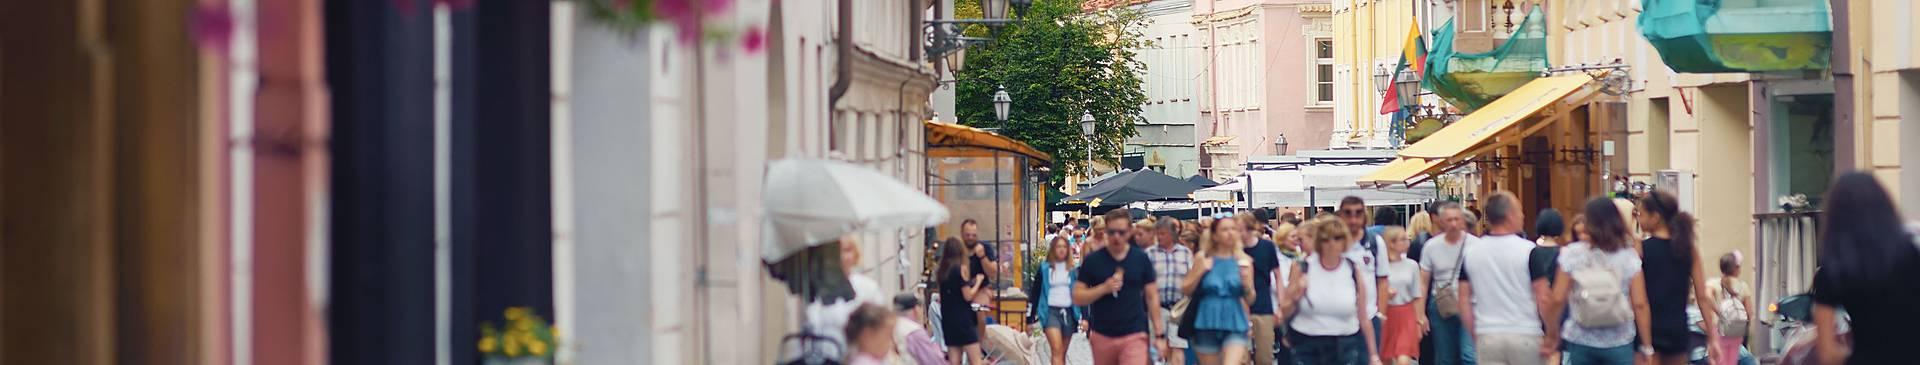 Gruppenreisen Baltische Staaten